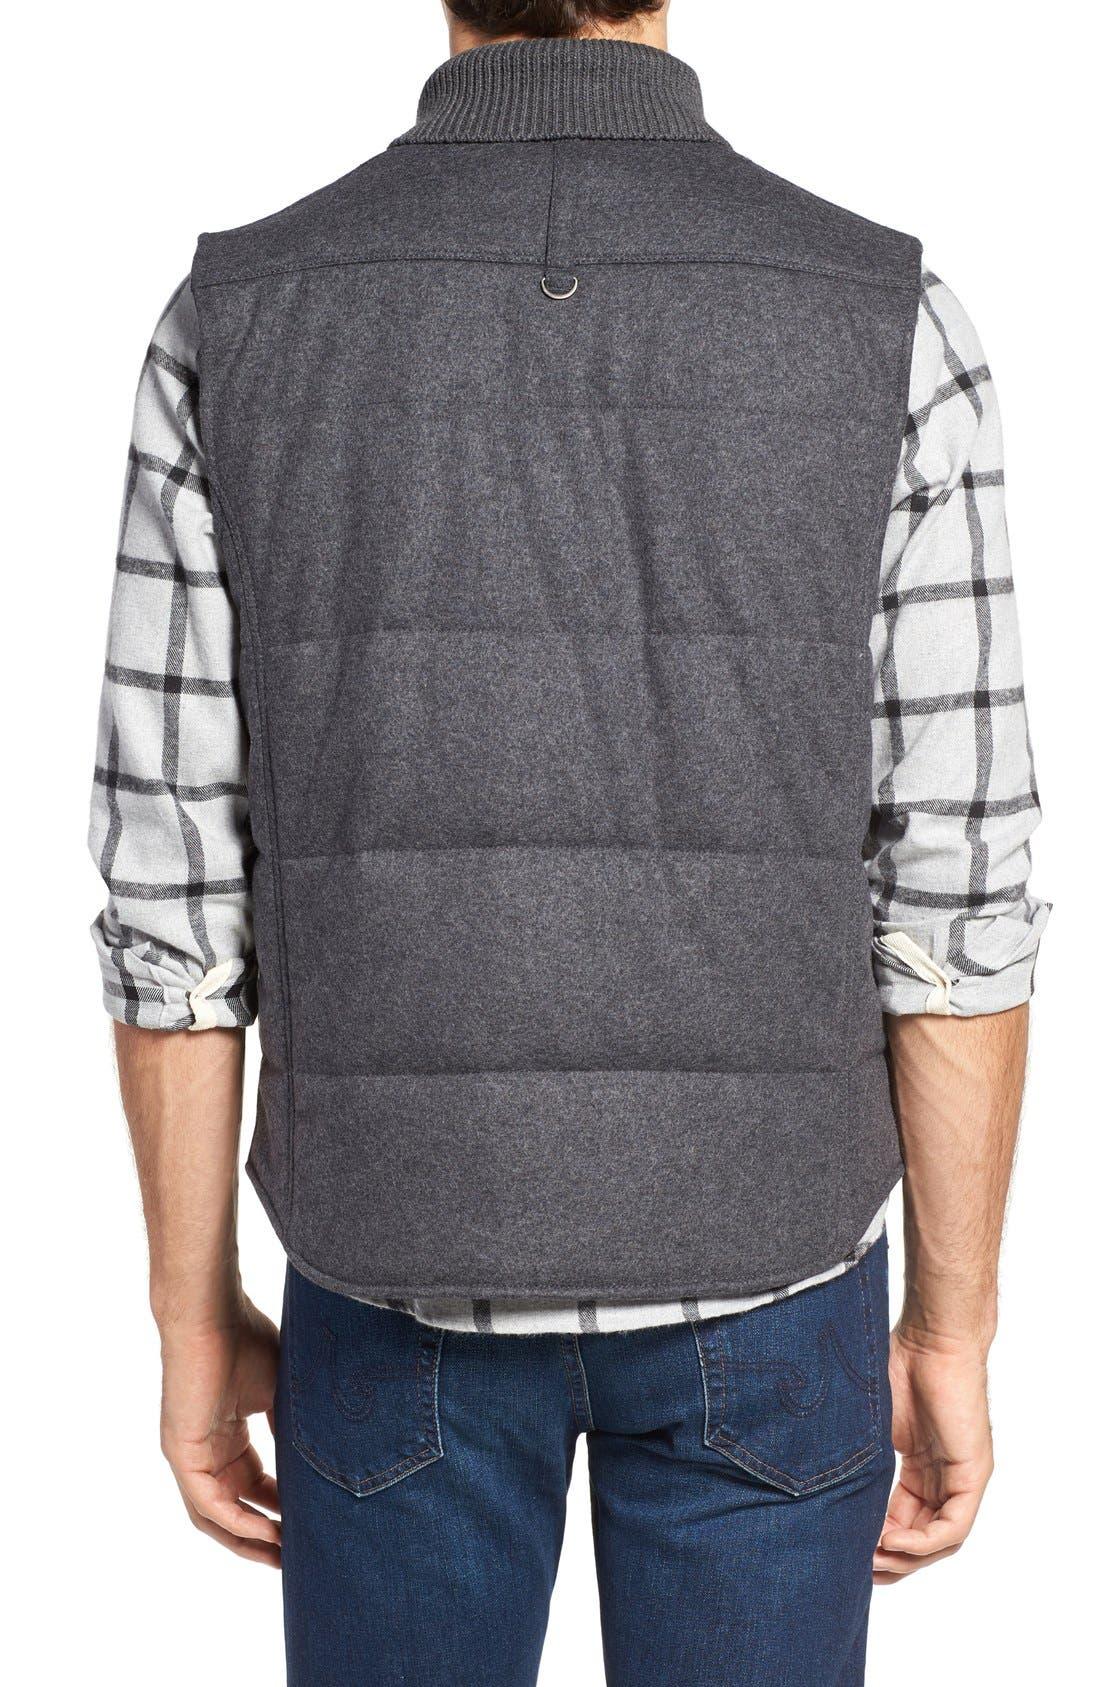 Pritchel Quilted Vest,                             Alternate thumbnail 2, color,                             010